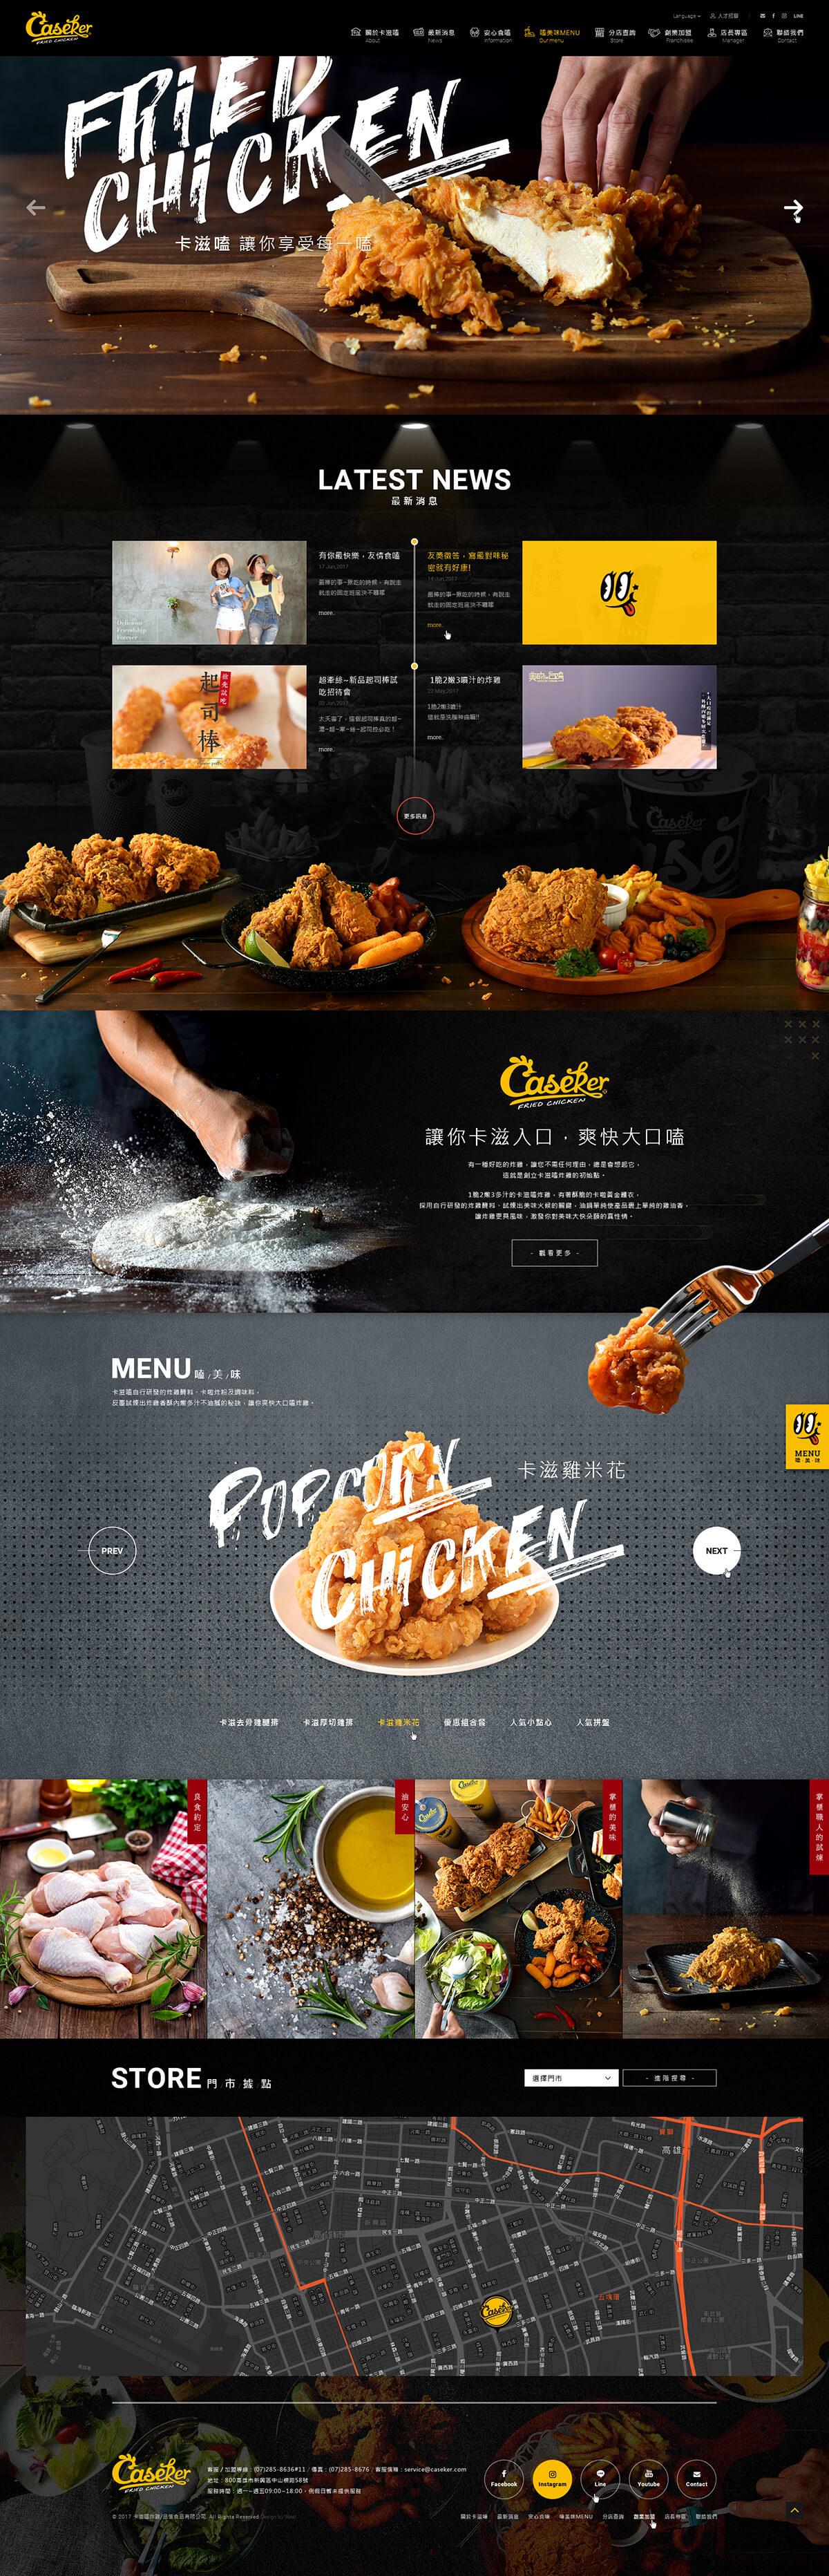 卡滋嗑炸雞-網頁設計